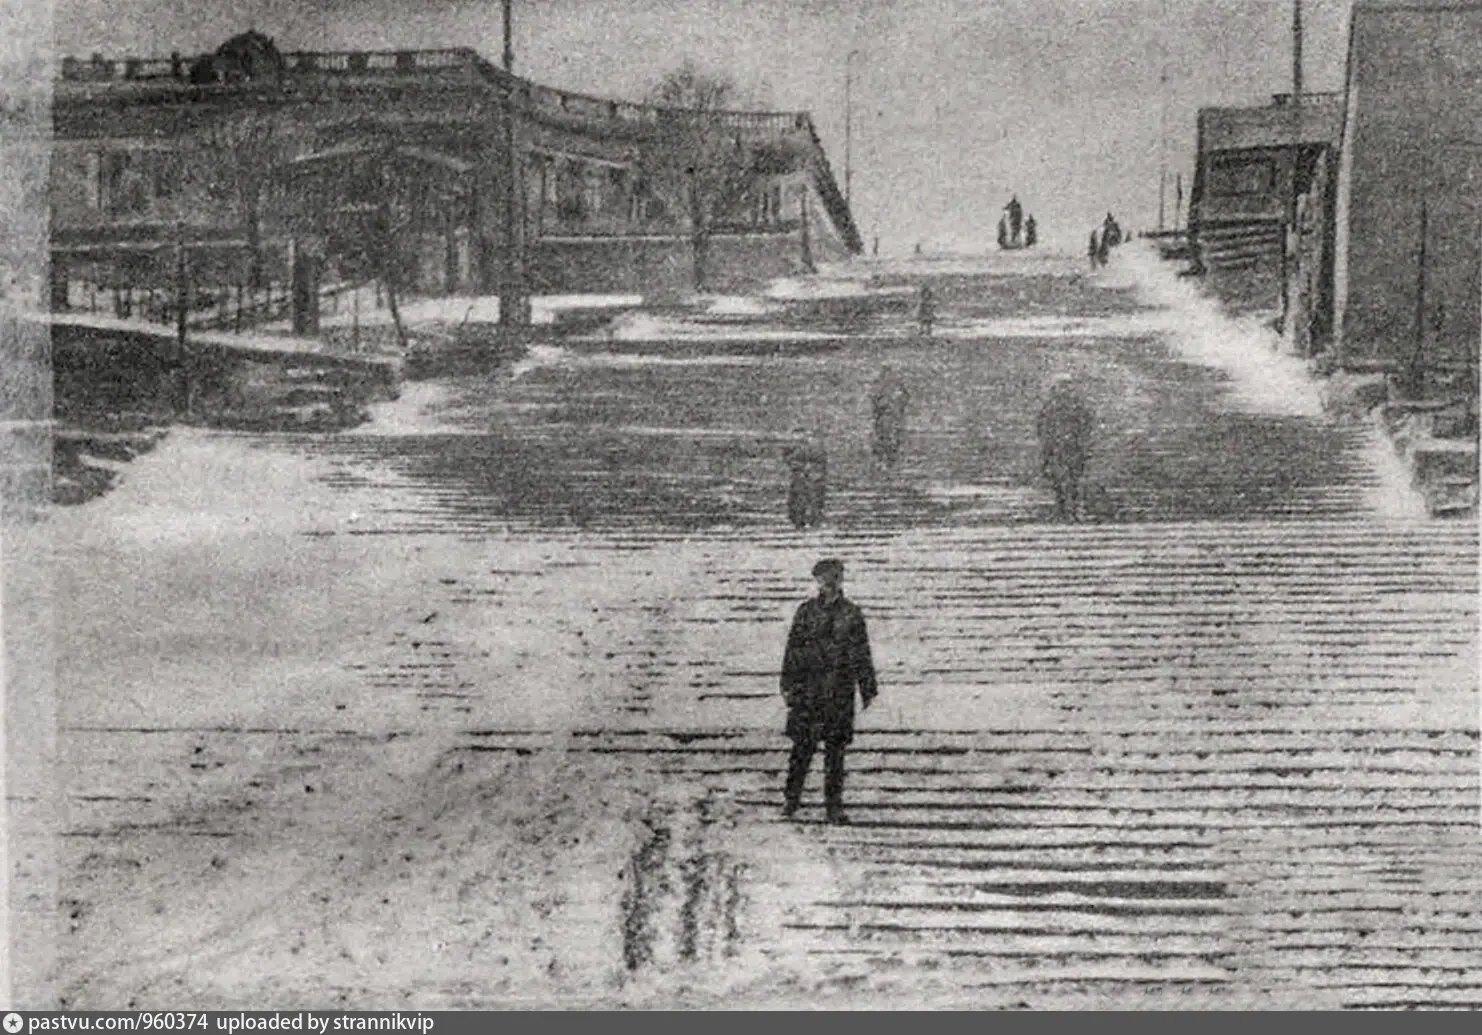 Журнал «Огонек» за 1927-й год. Опубликовал Евгений Сокольский